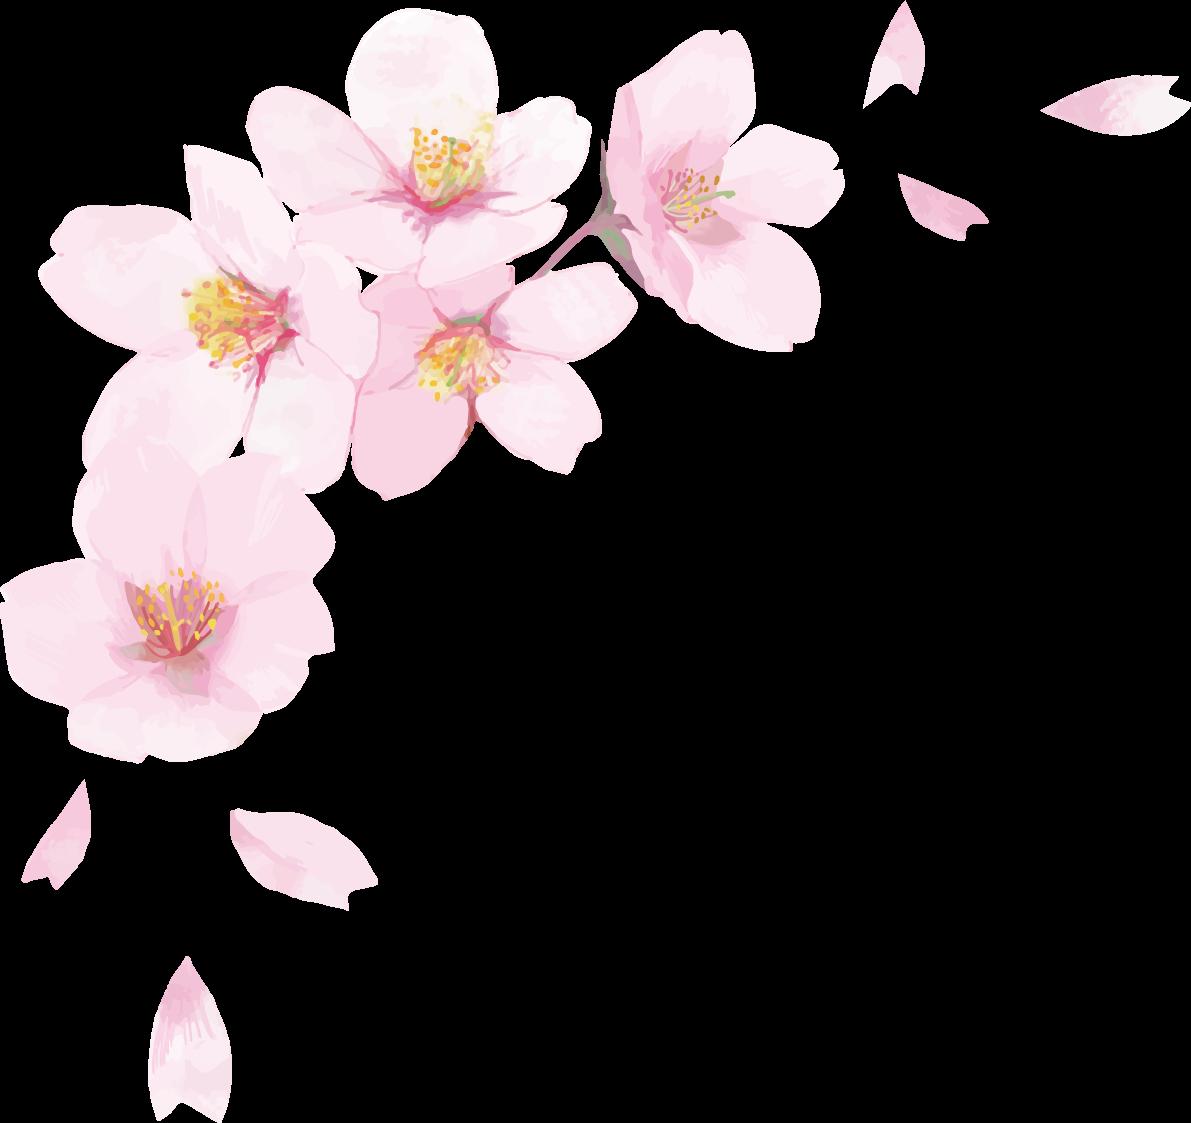 リアル綺麗な桜 花びらイラスト 右上角用飾り背景なし 透過 無料